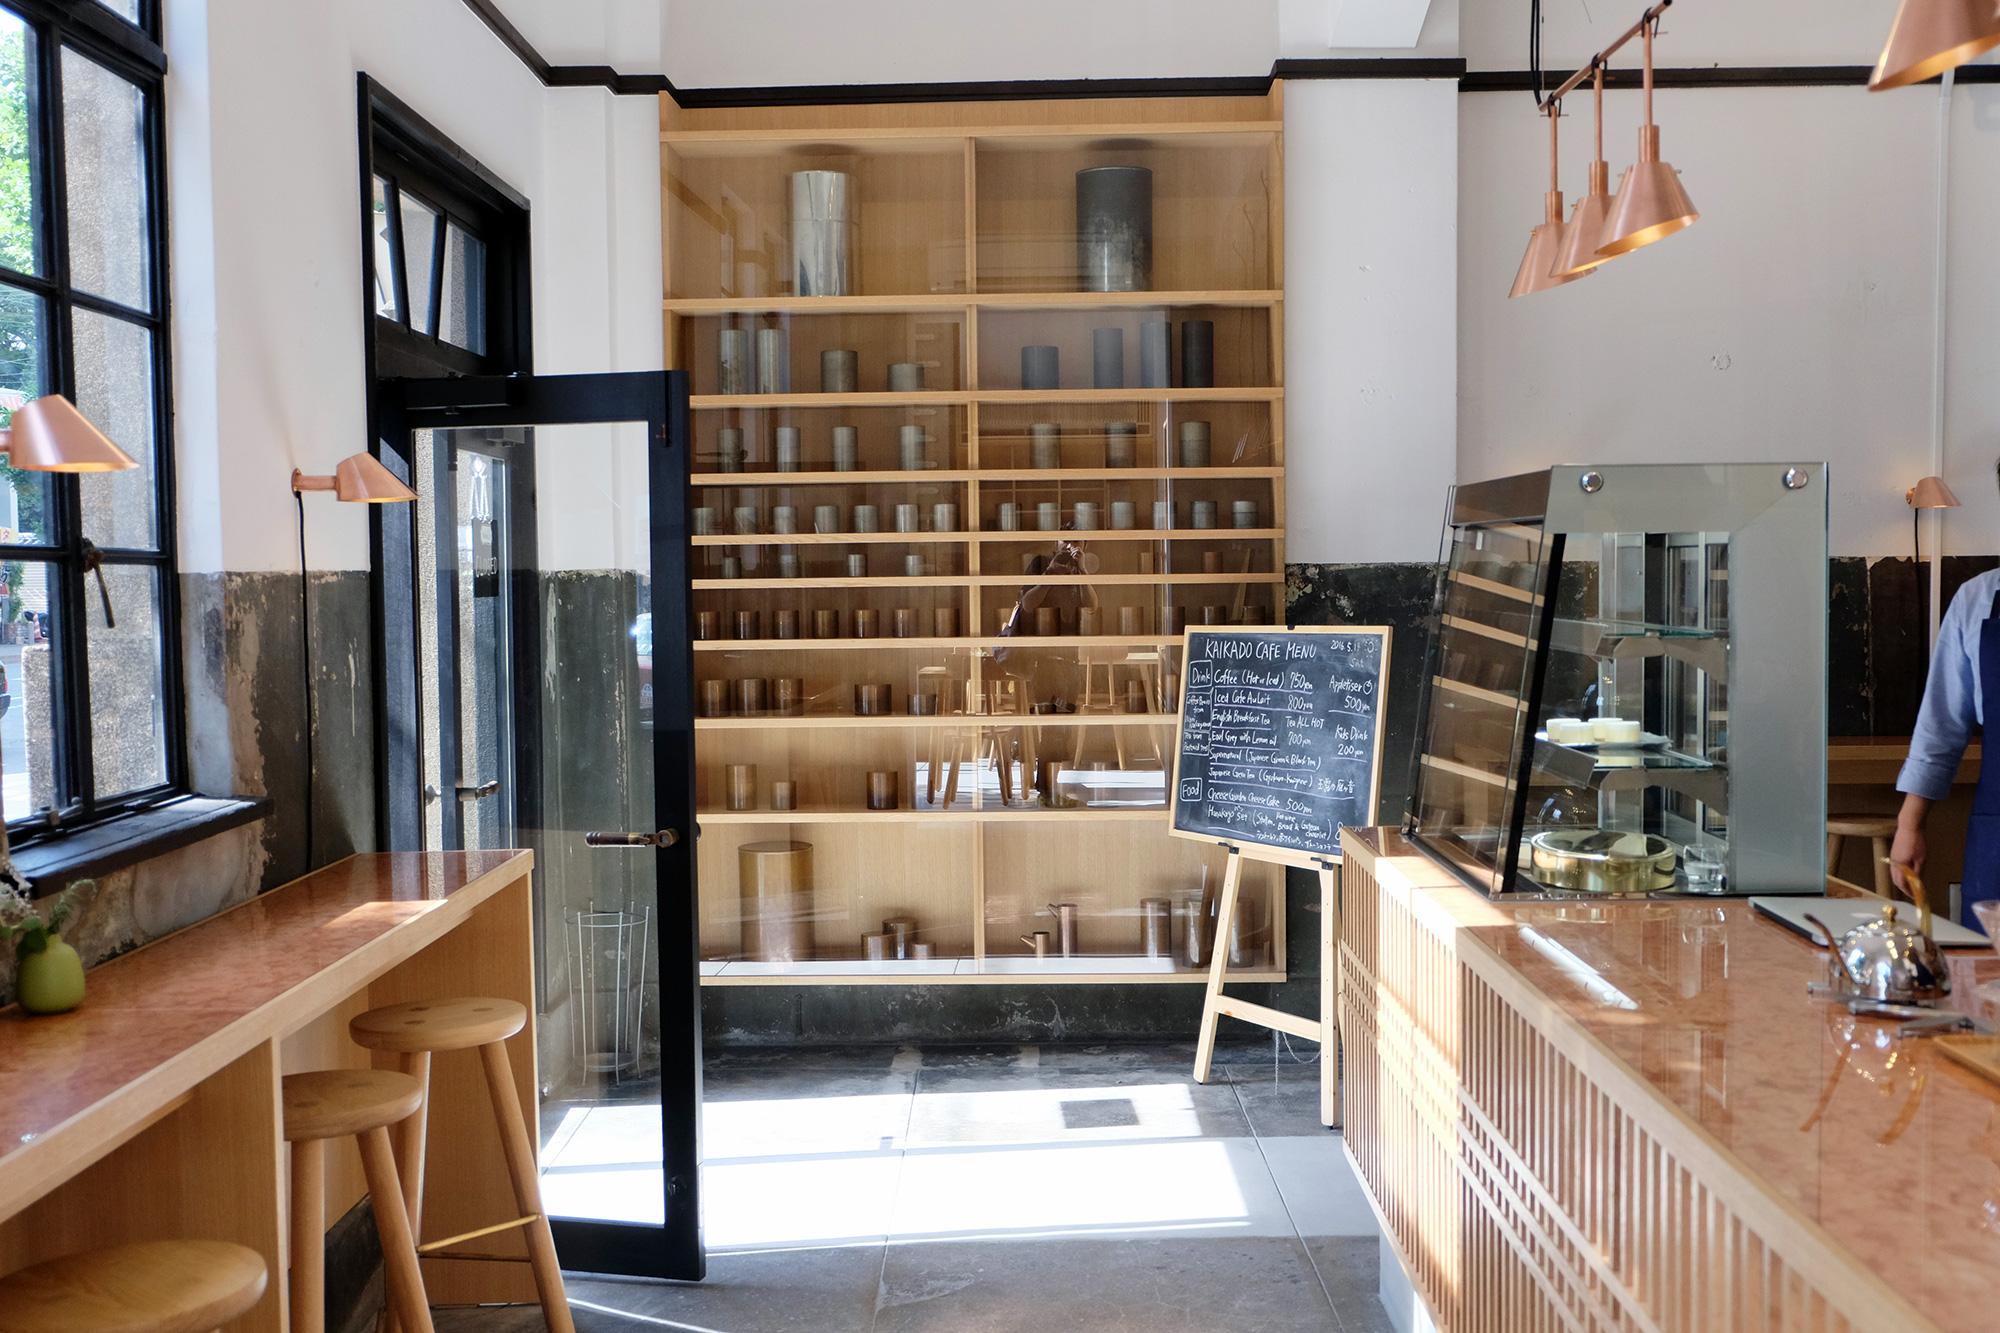 kaikado cafe(開花堂カフェ)